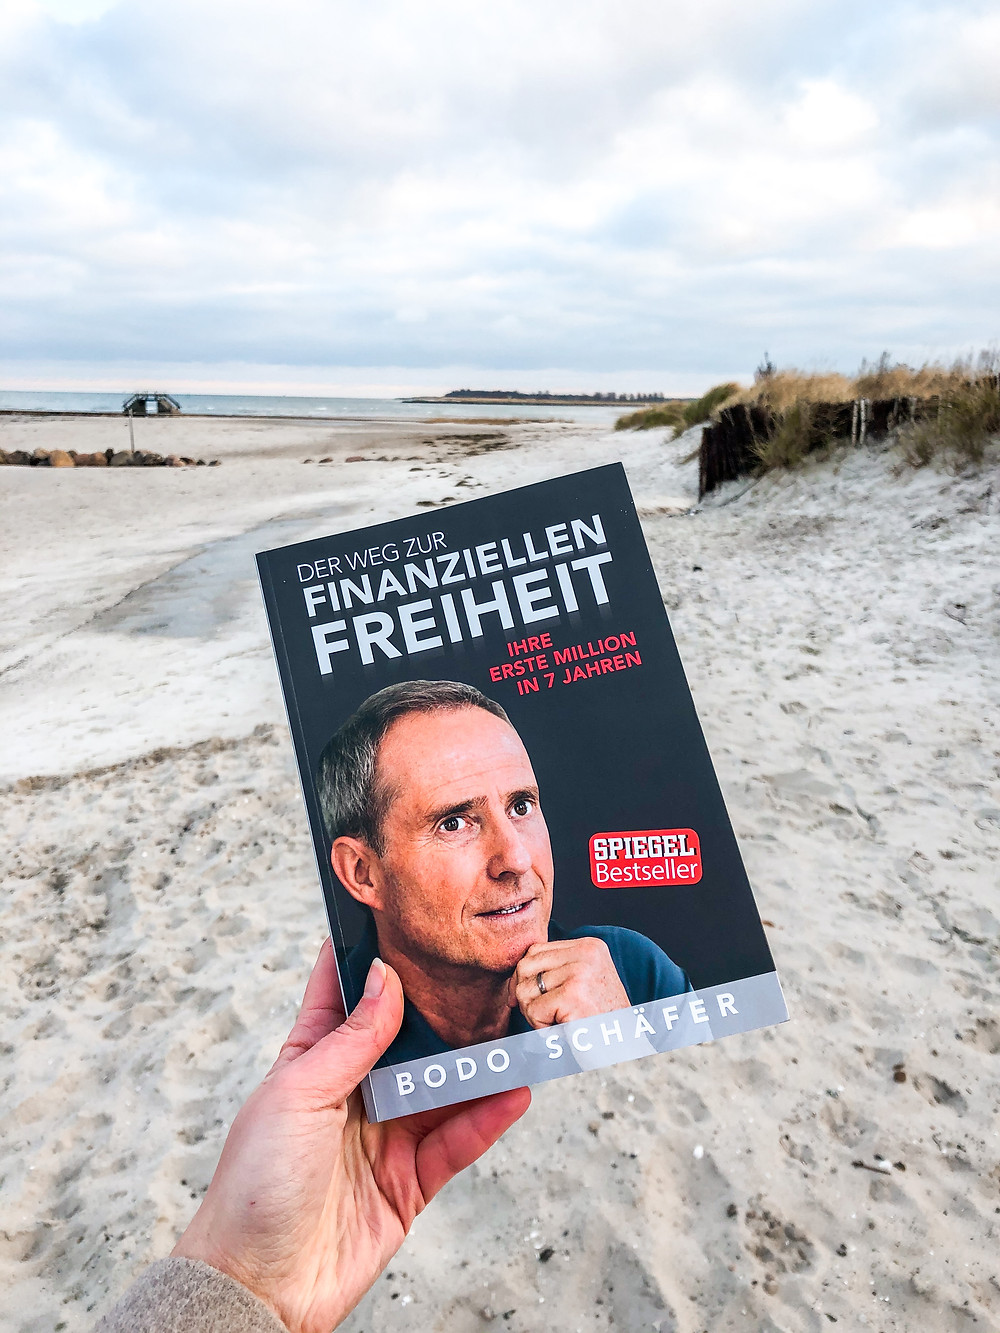 Der Weg zur finanziellen Freiheit ist ein deutscher Klassiker der Geldanlage und des Sparens. Bodo Schäfer ist einer der bekanntesten Speaker Deutschlands.